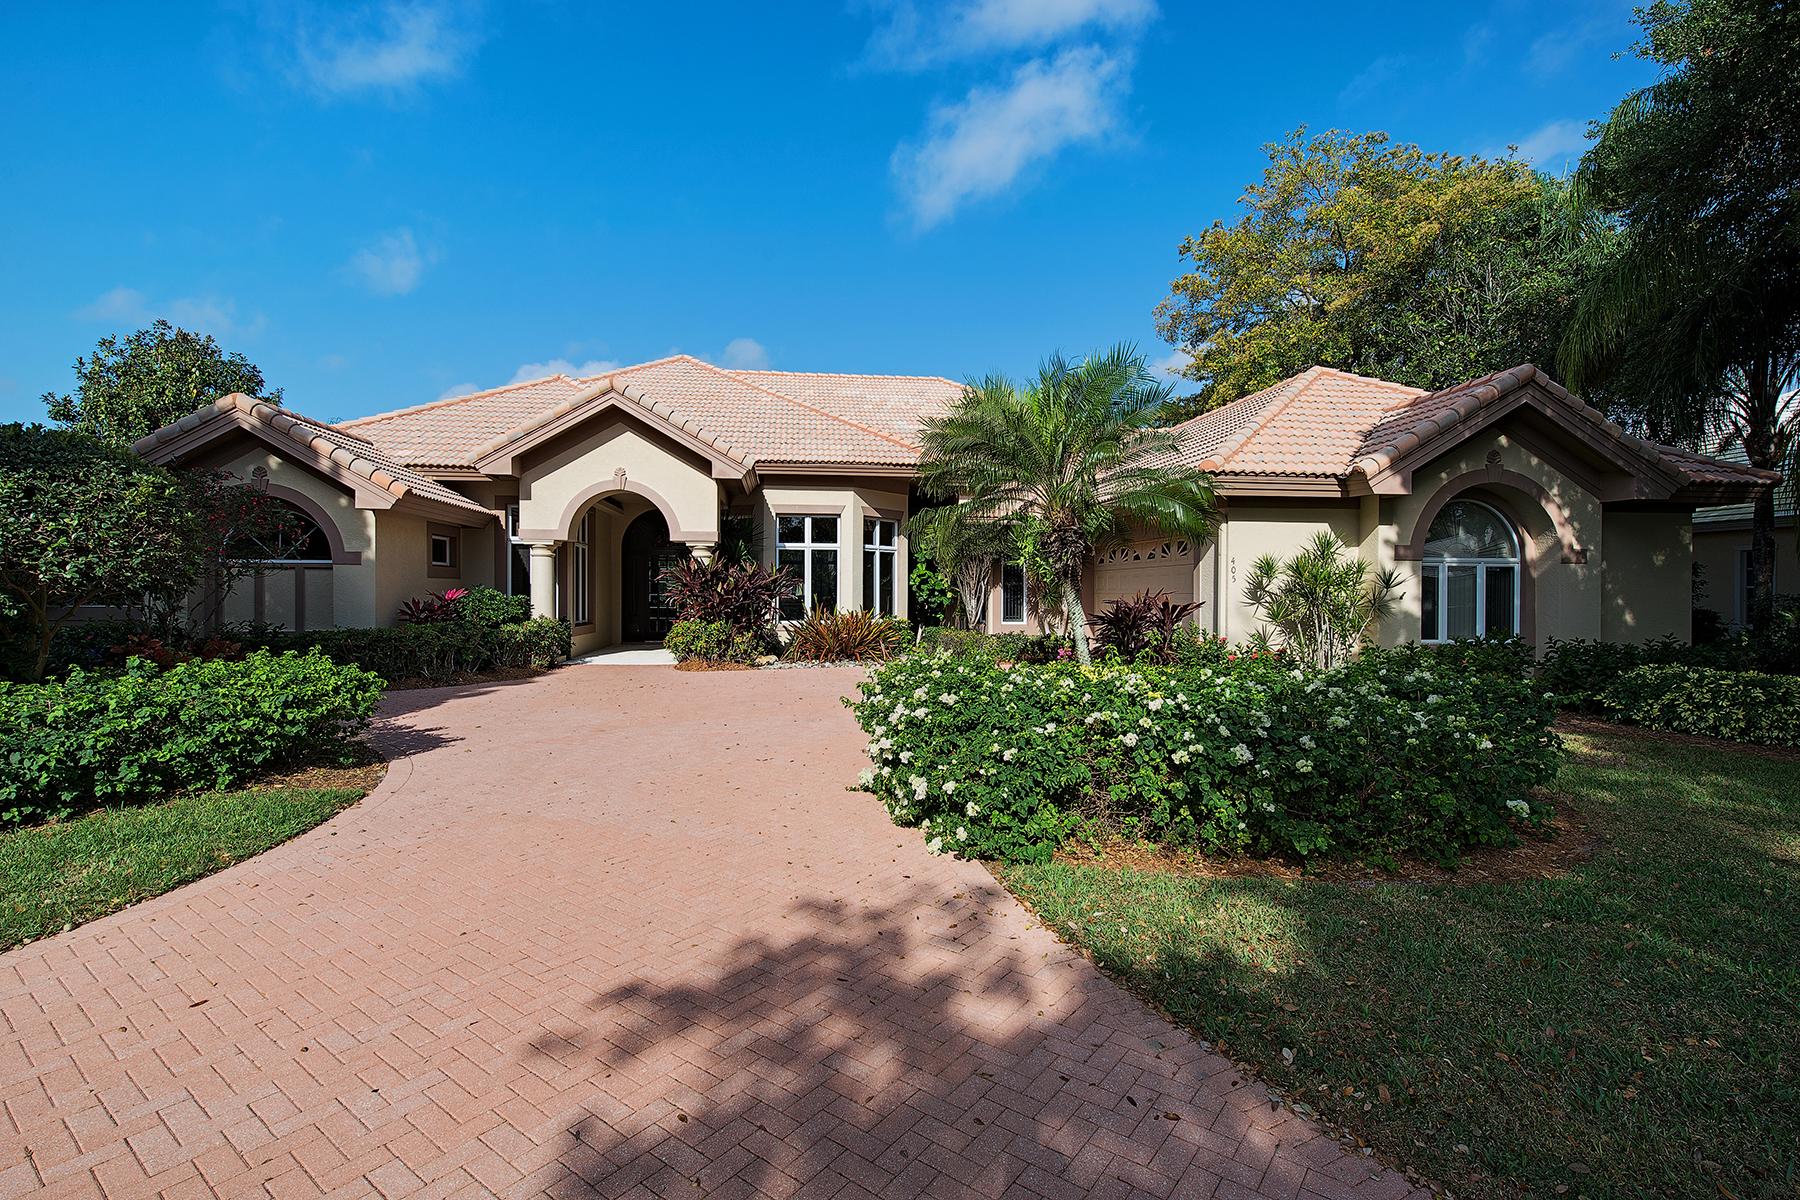 Частный односемейный дом для того Продажа на 405 Rosemeade Ln , Naples, FL 34105 405 Rosemeade Ln Naples, Флорида 34105 Соединенные Штаты